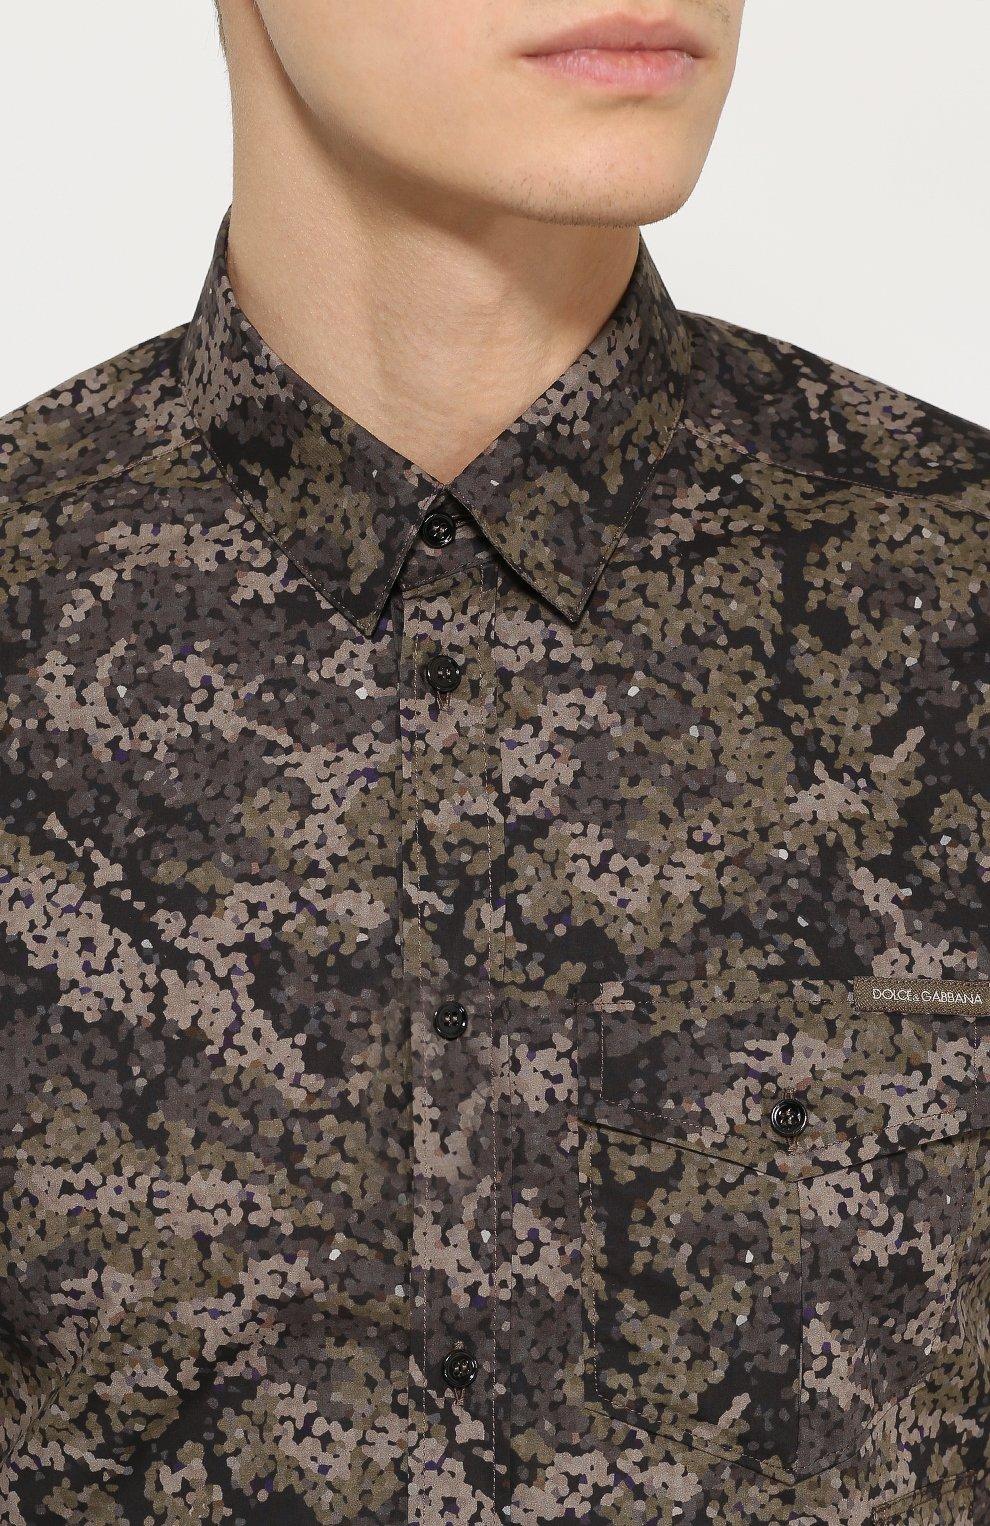 Хлопковая рубашка с камуфляжным принтом Dolce & Gabbana хаки | Фото №5